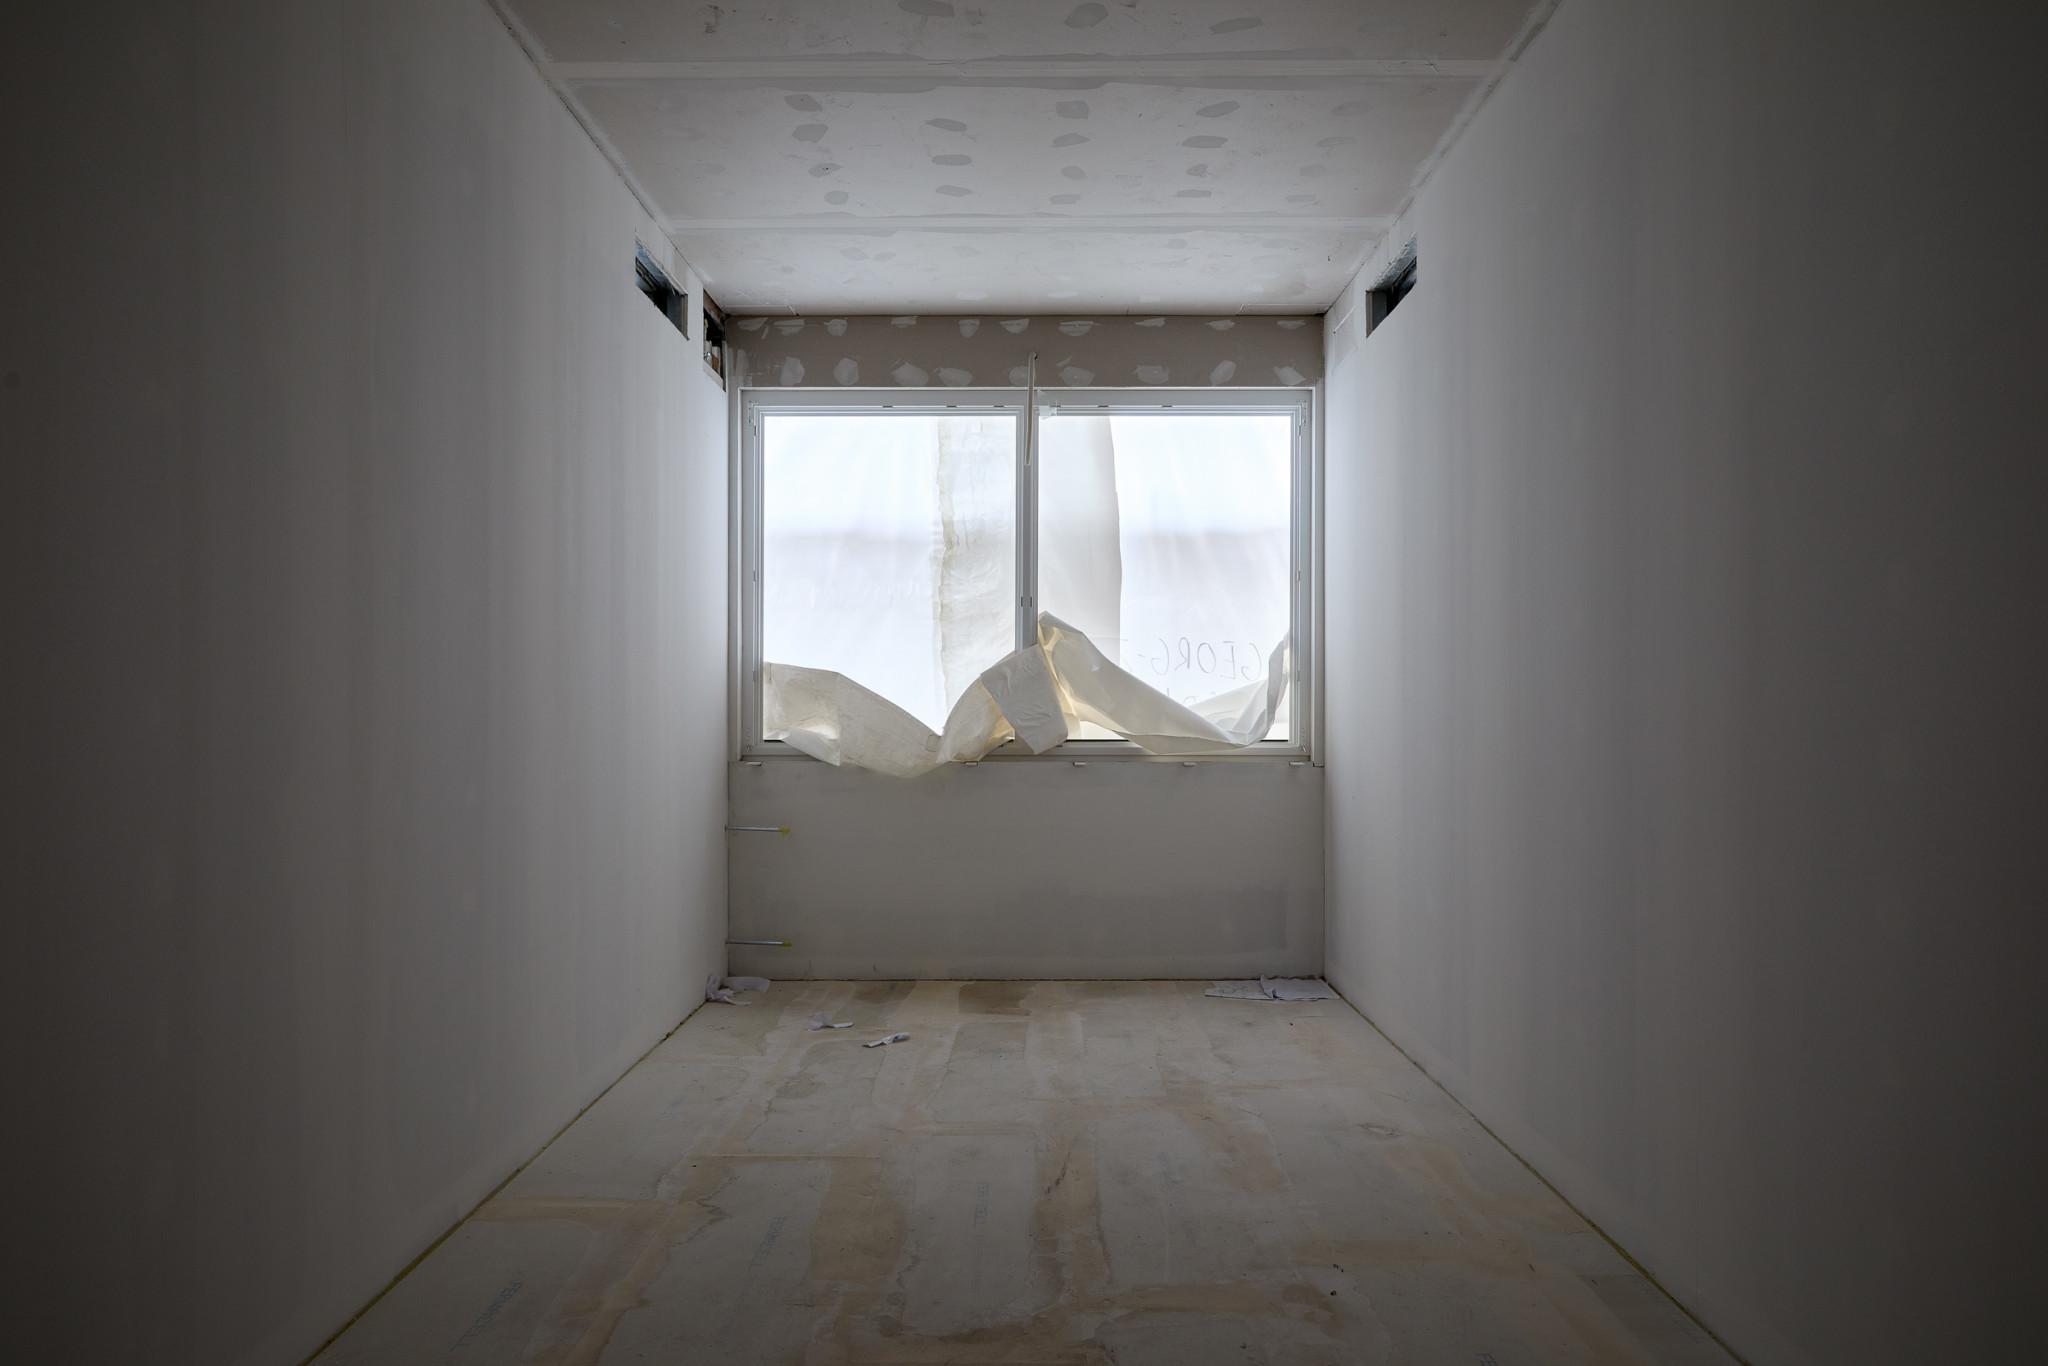 Ein schmales Zimmer, das die Breite eines zweitürigen Fensters hat. Das Fenster ist abgehängt und lässt das Zimmer noch dunkler erscheinen.